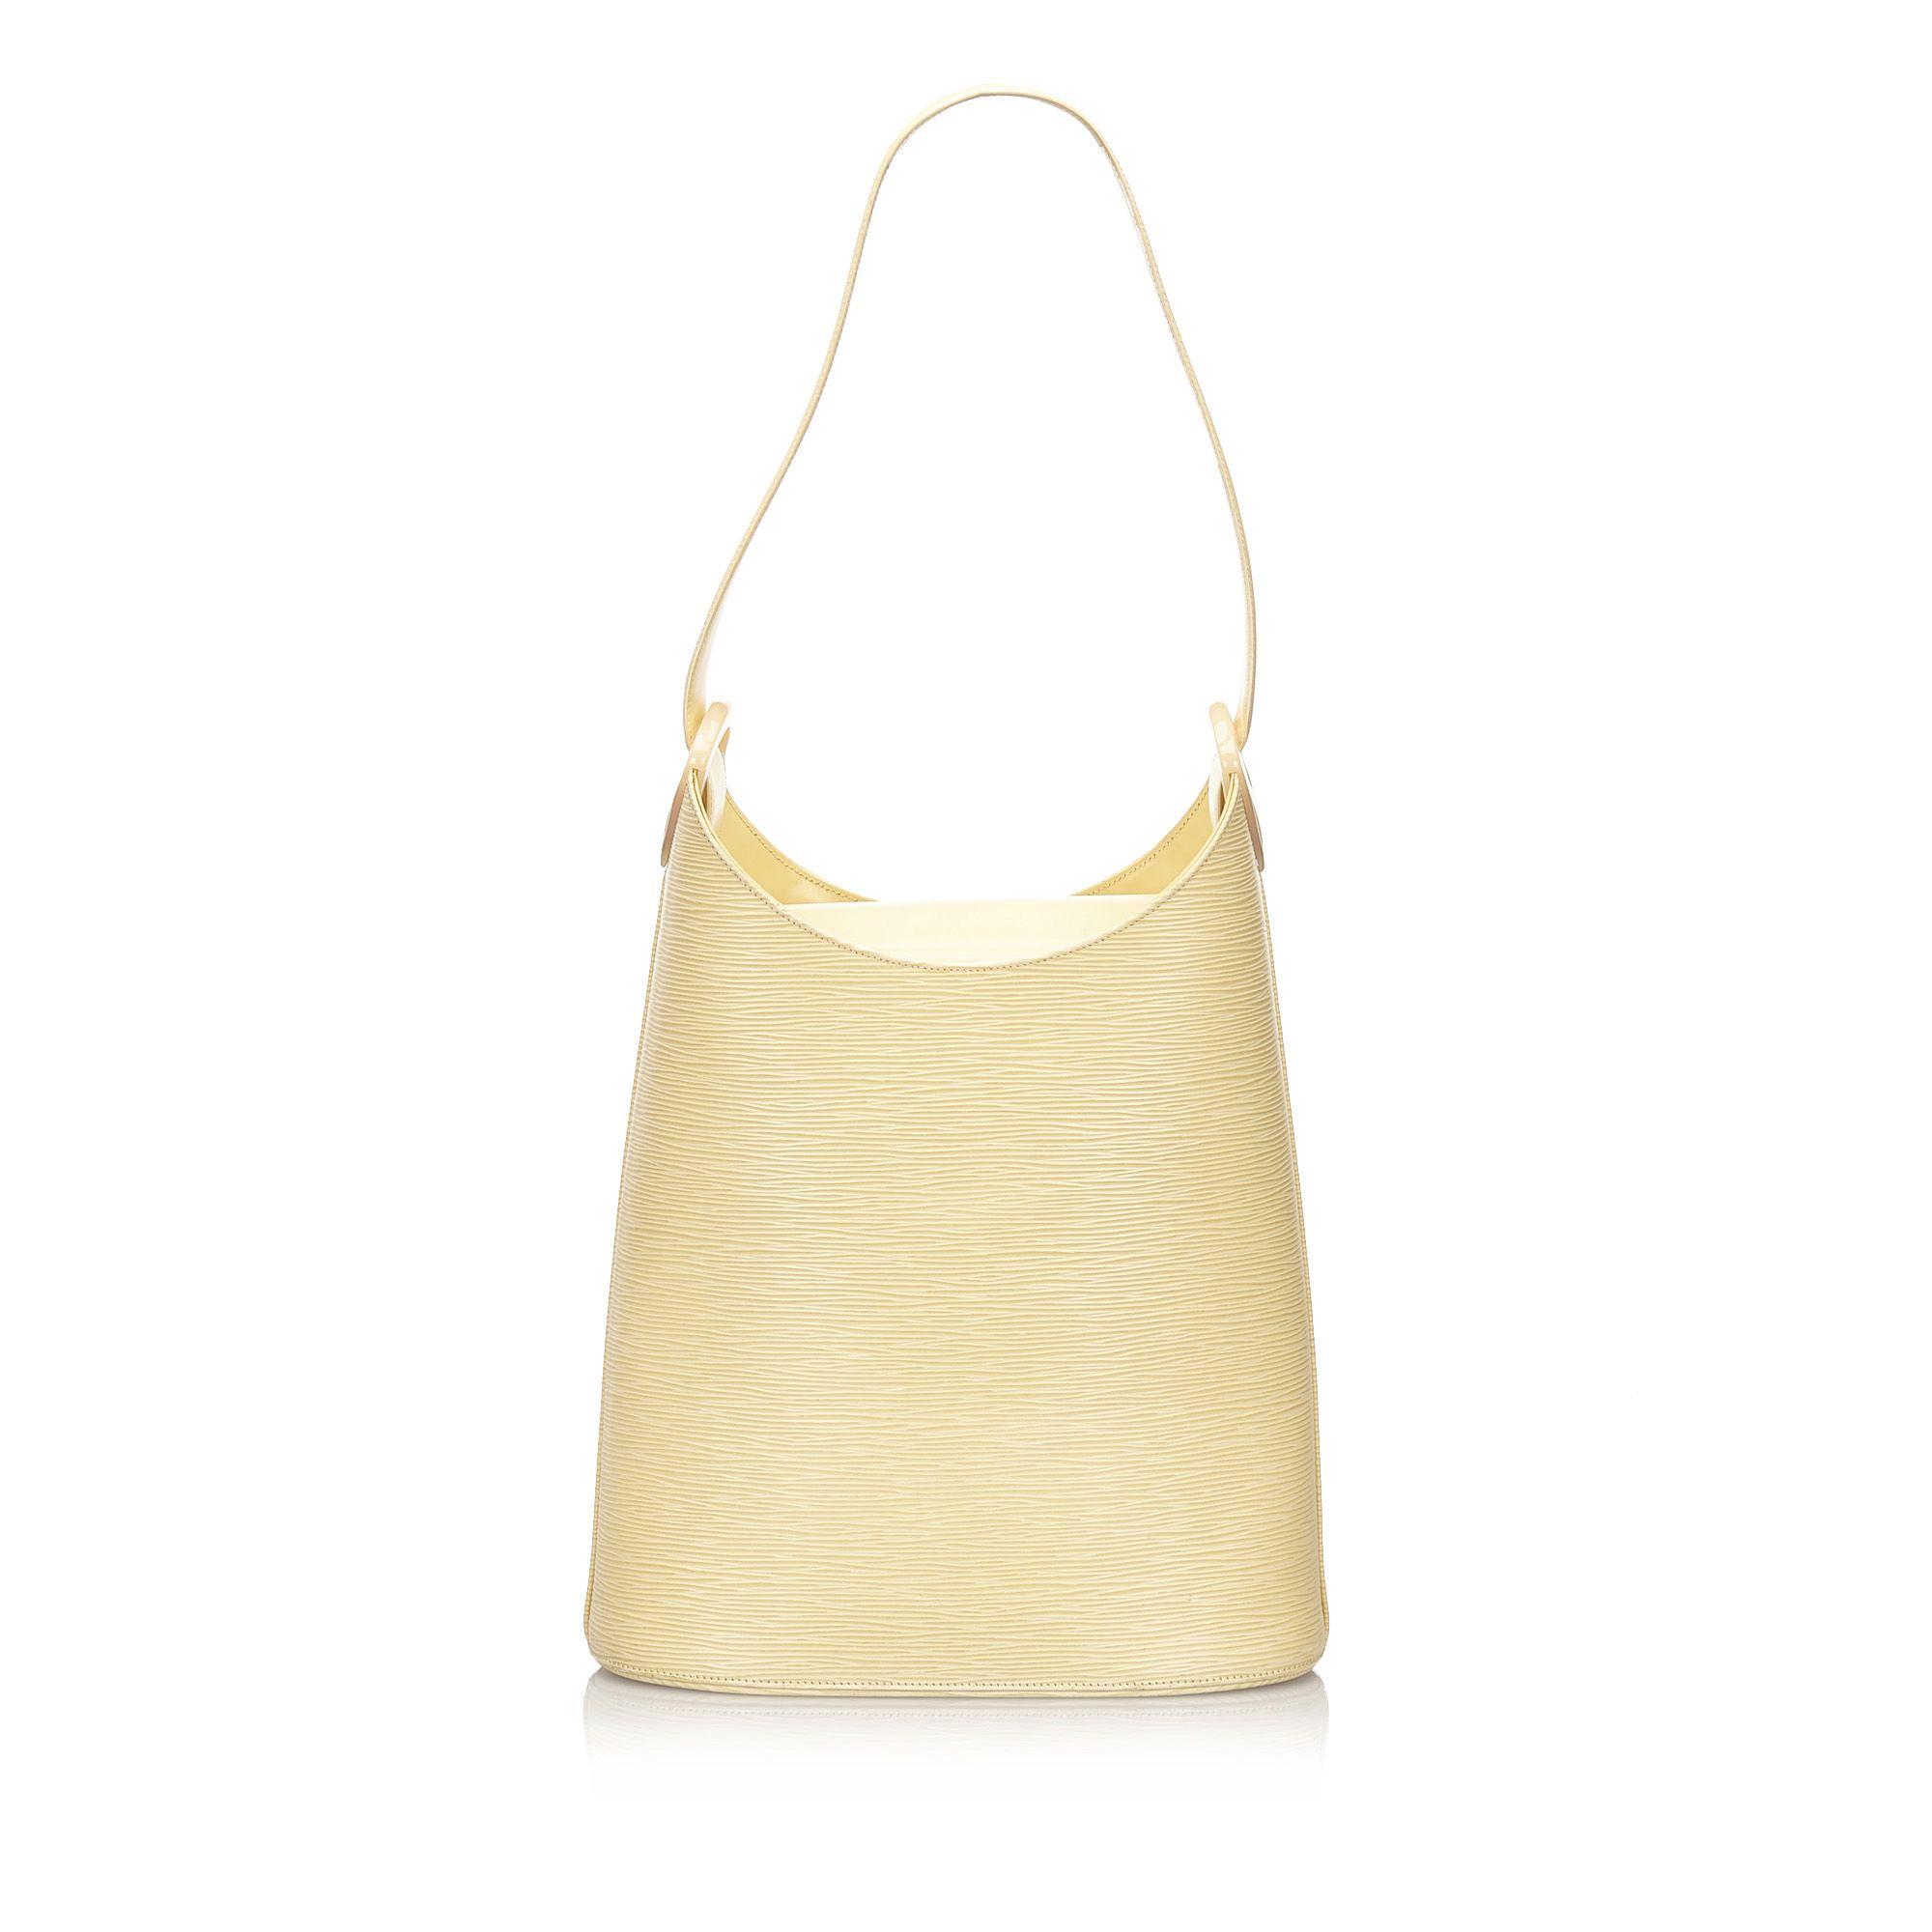 Vintage Louis Vuitton Epi Sac Verseau White